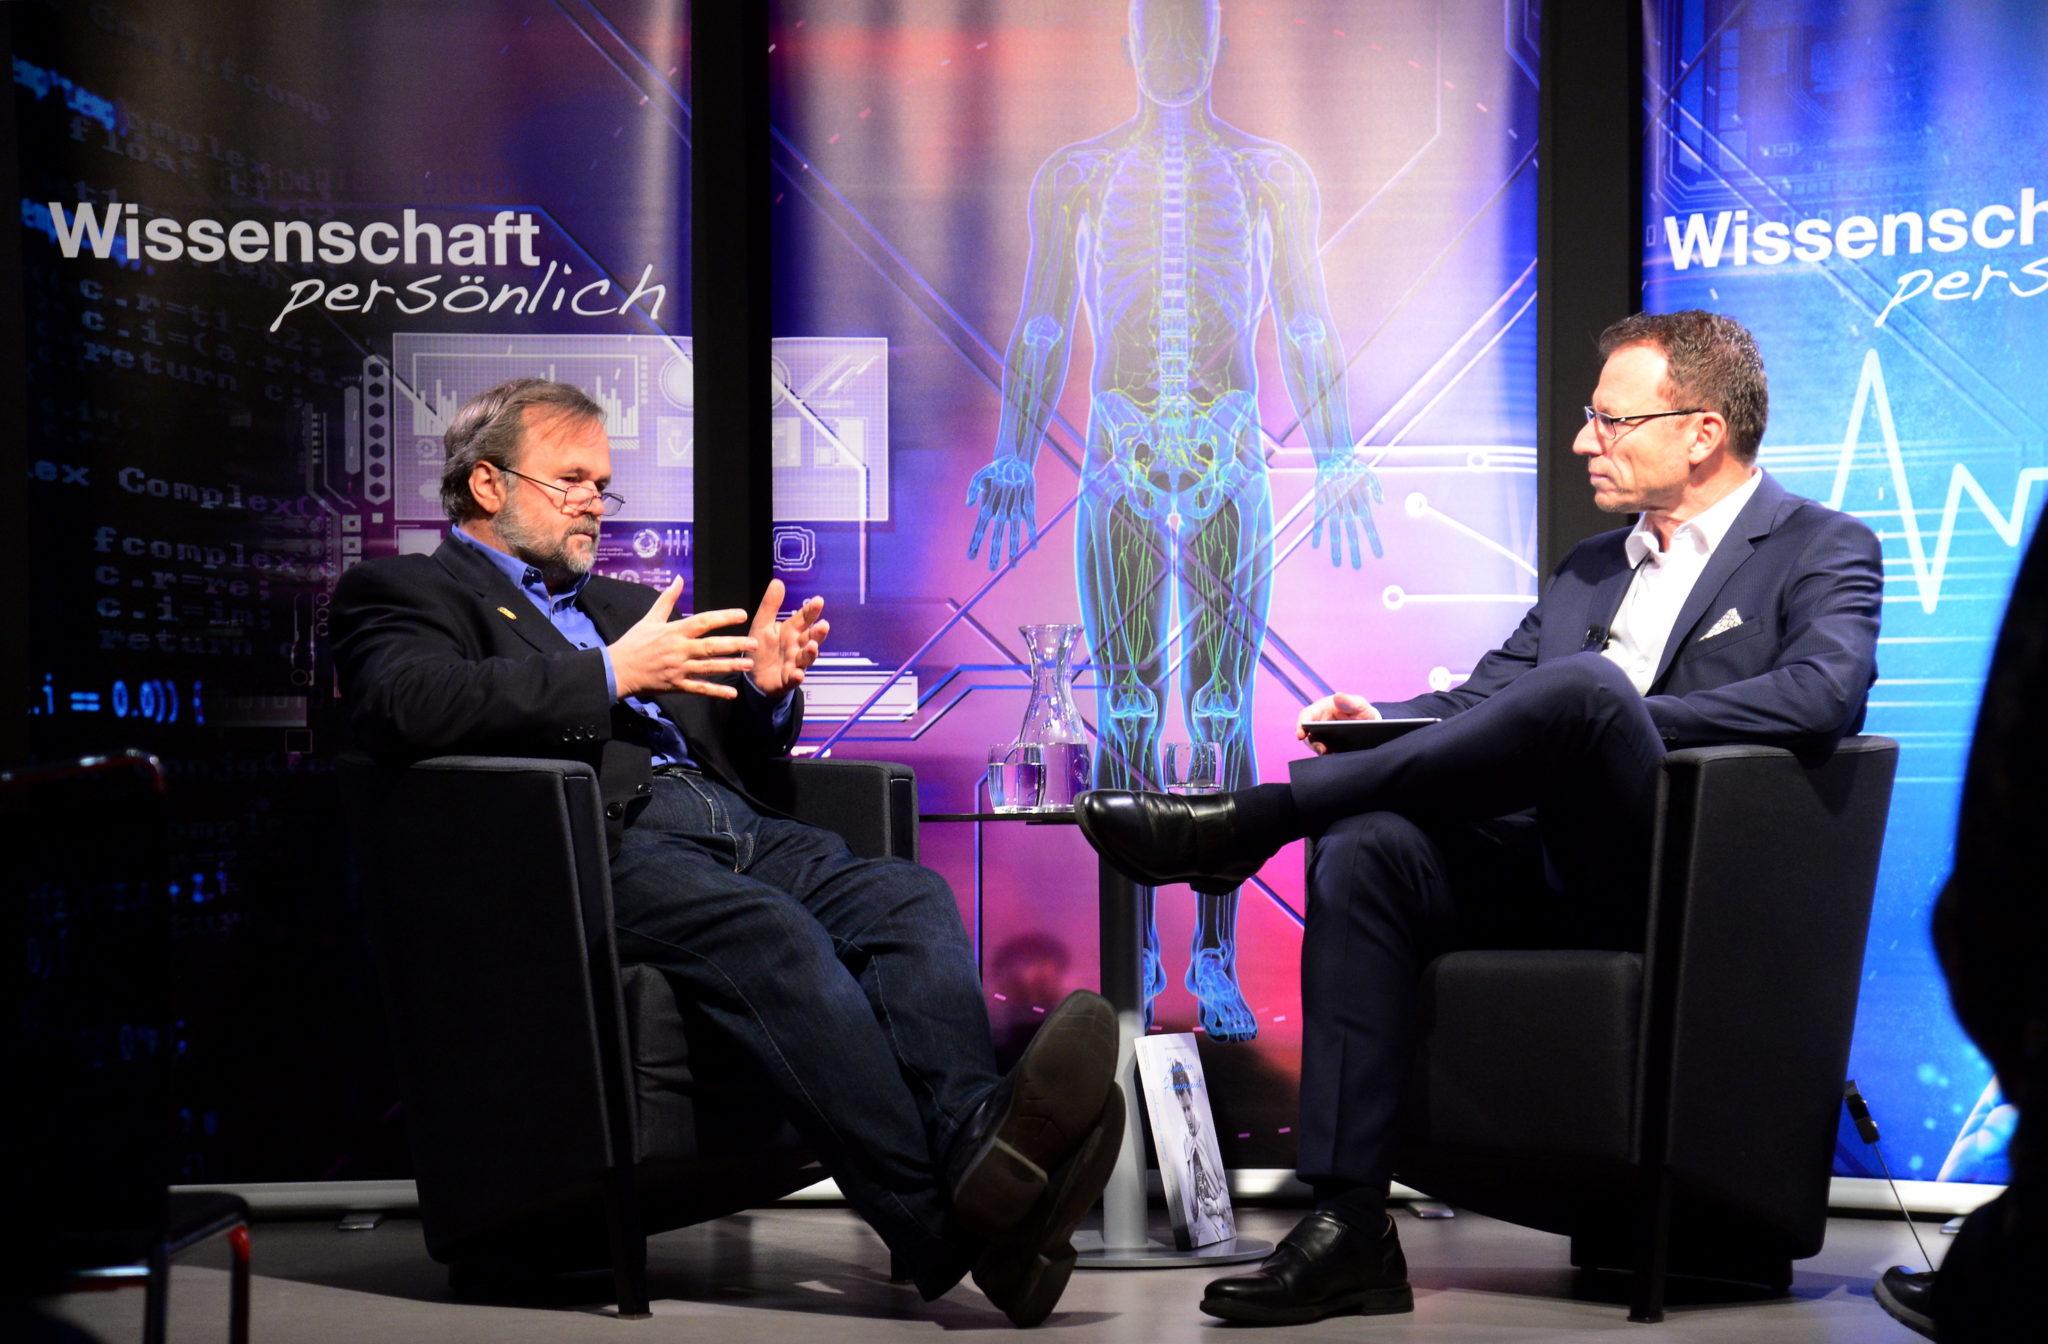 Willibald Ruch redet mit Beat Glogger. Beide sitzen sich in Sesseln gegenüber.